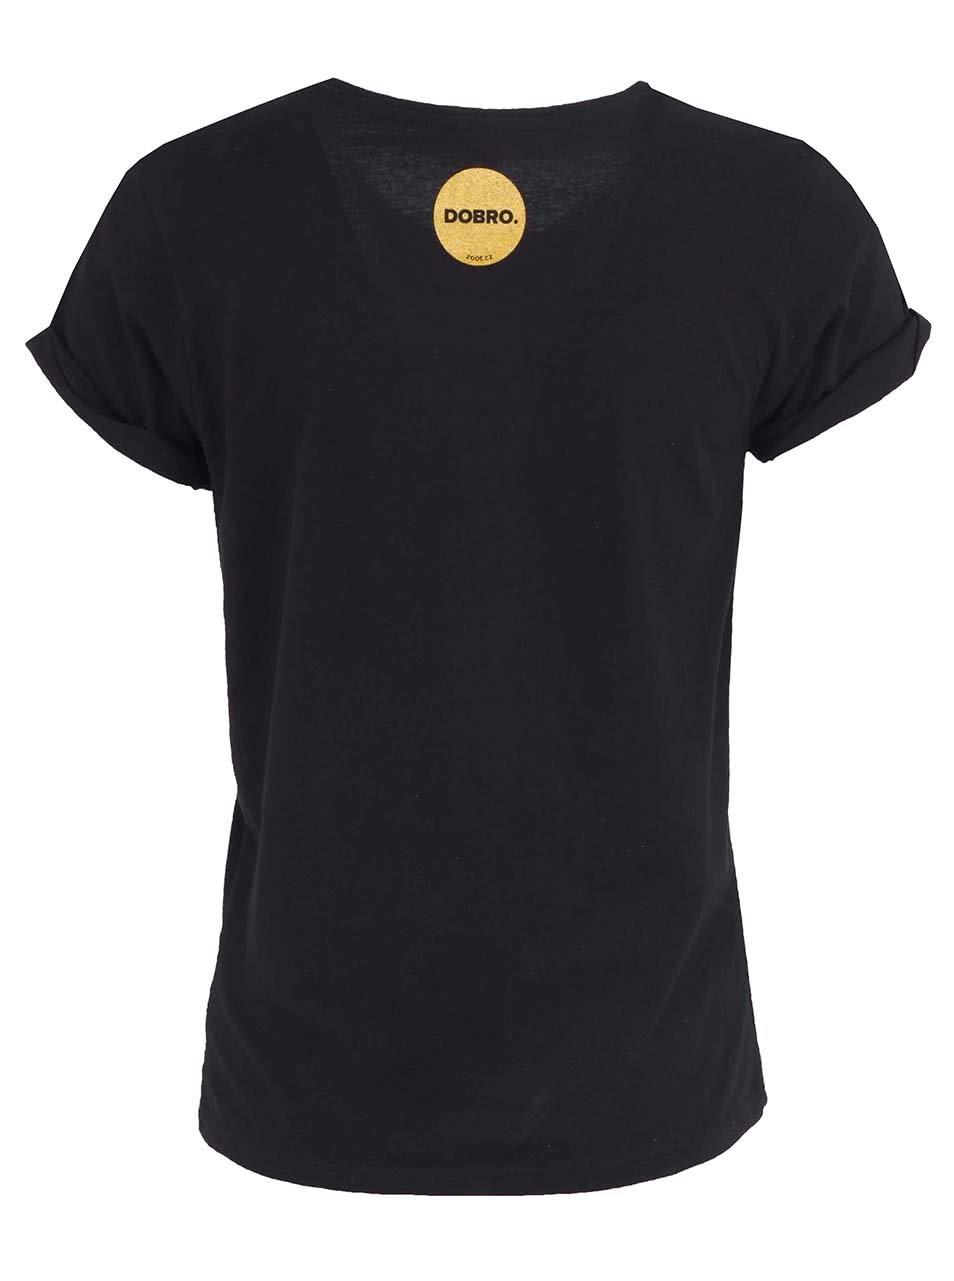 """""""Dobré"""" černé dámské tričko pro Nadační fond pro předčasně narozené děti a jejich rodiny"""